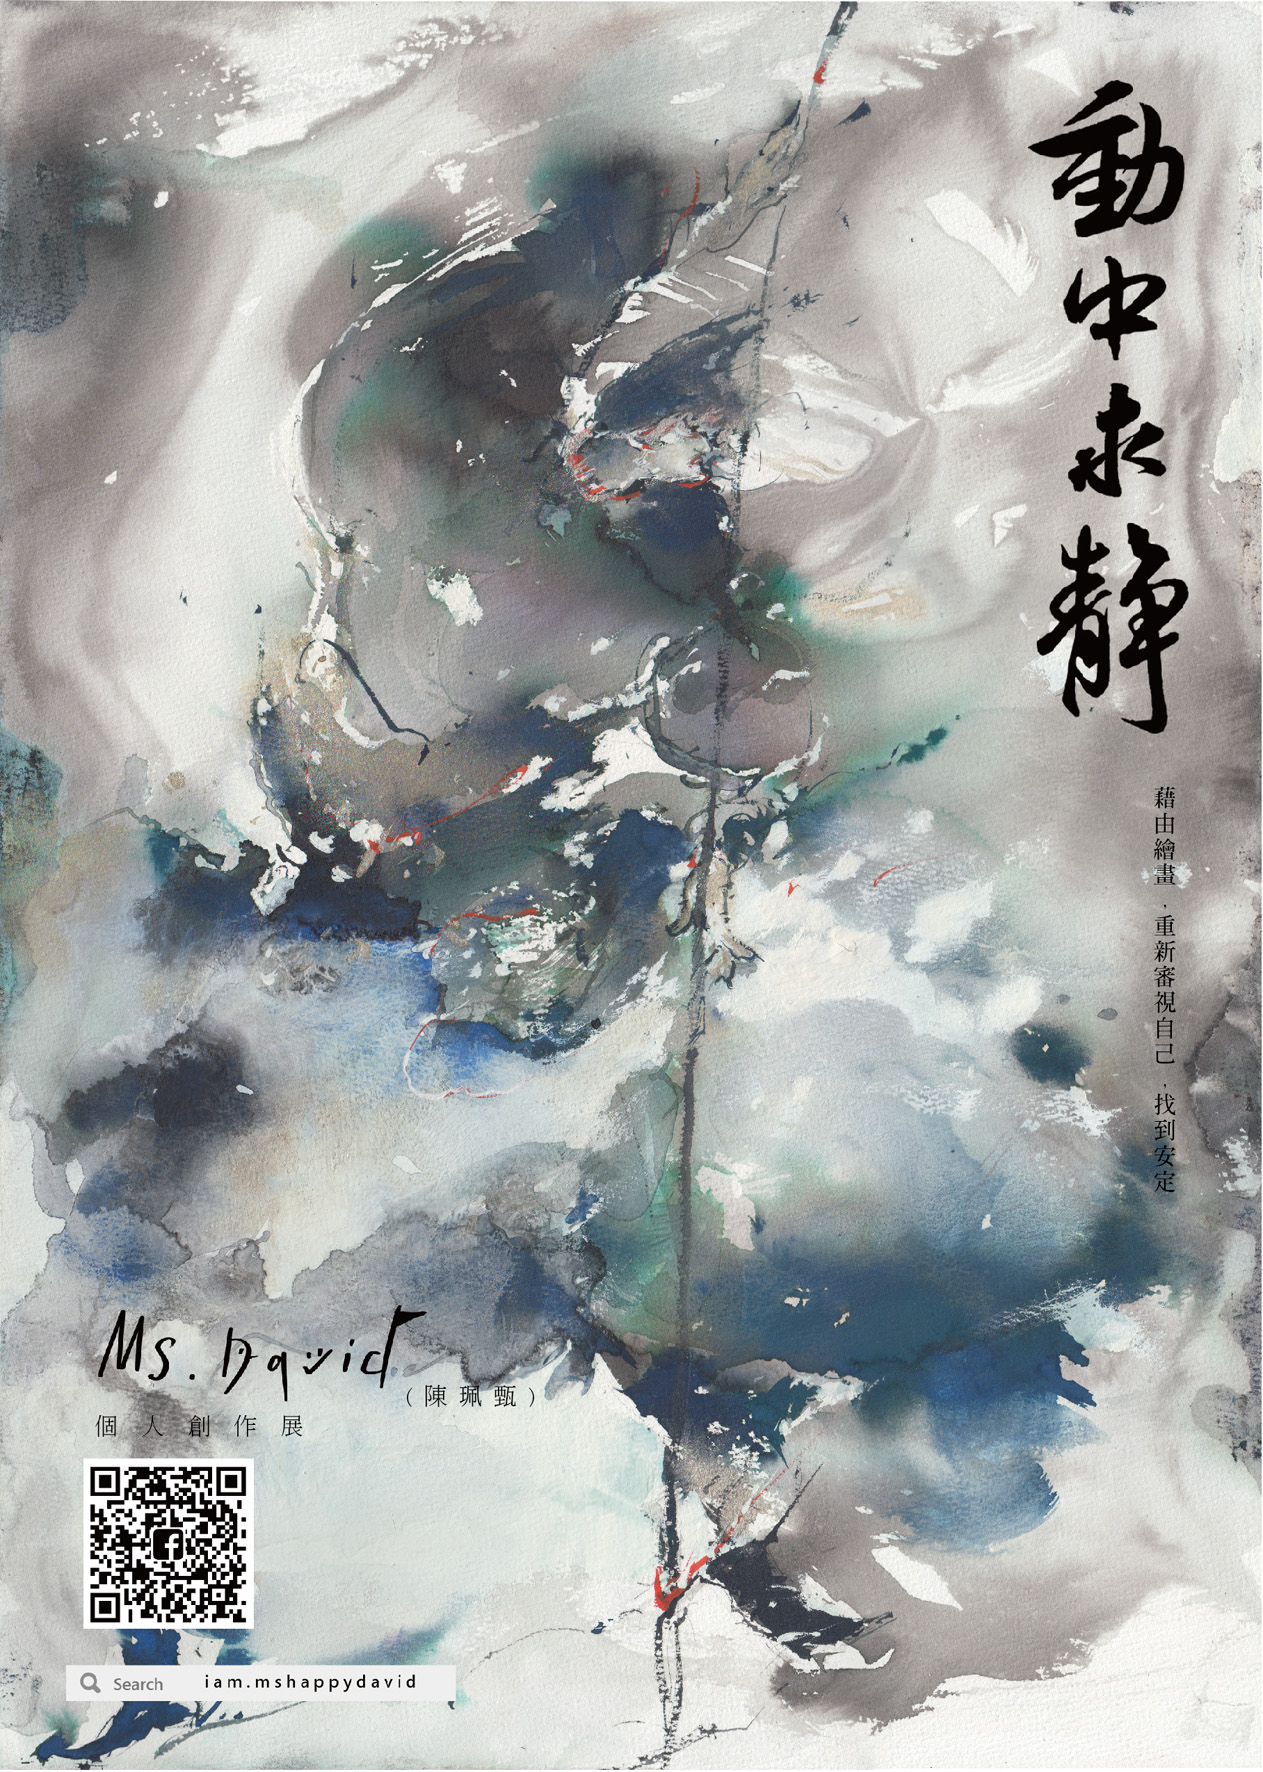 Image-動中求靜-Ms.David個人創作展-1.jpg